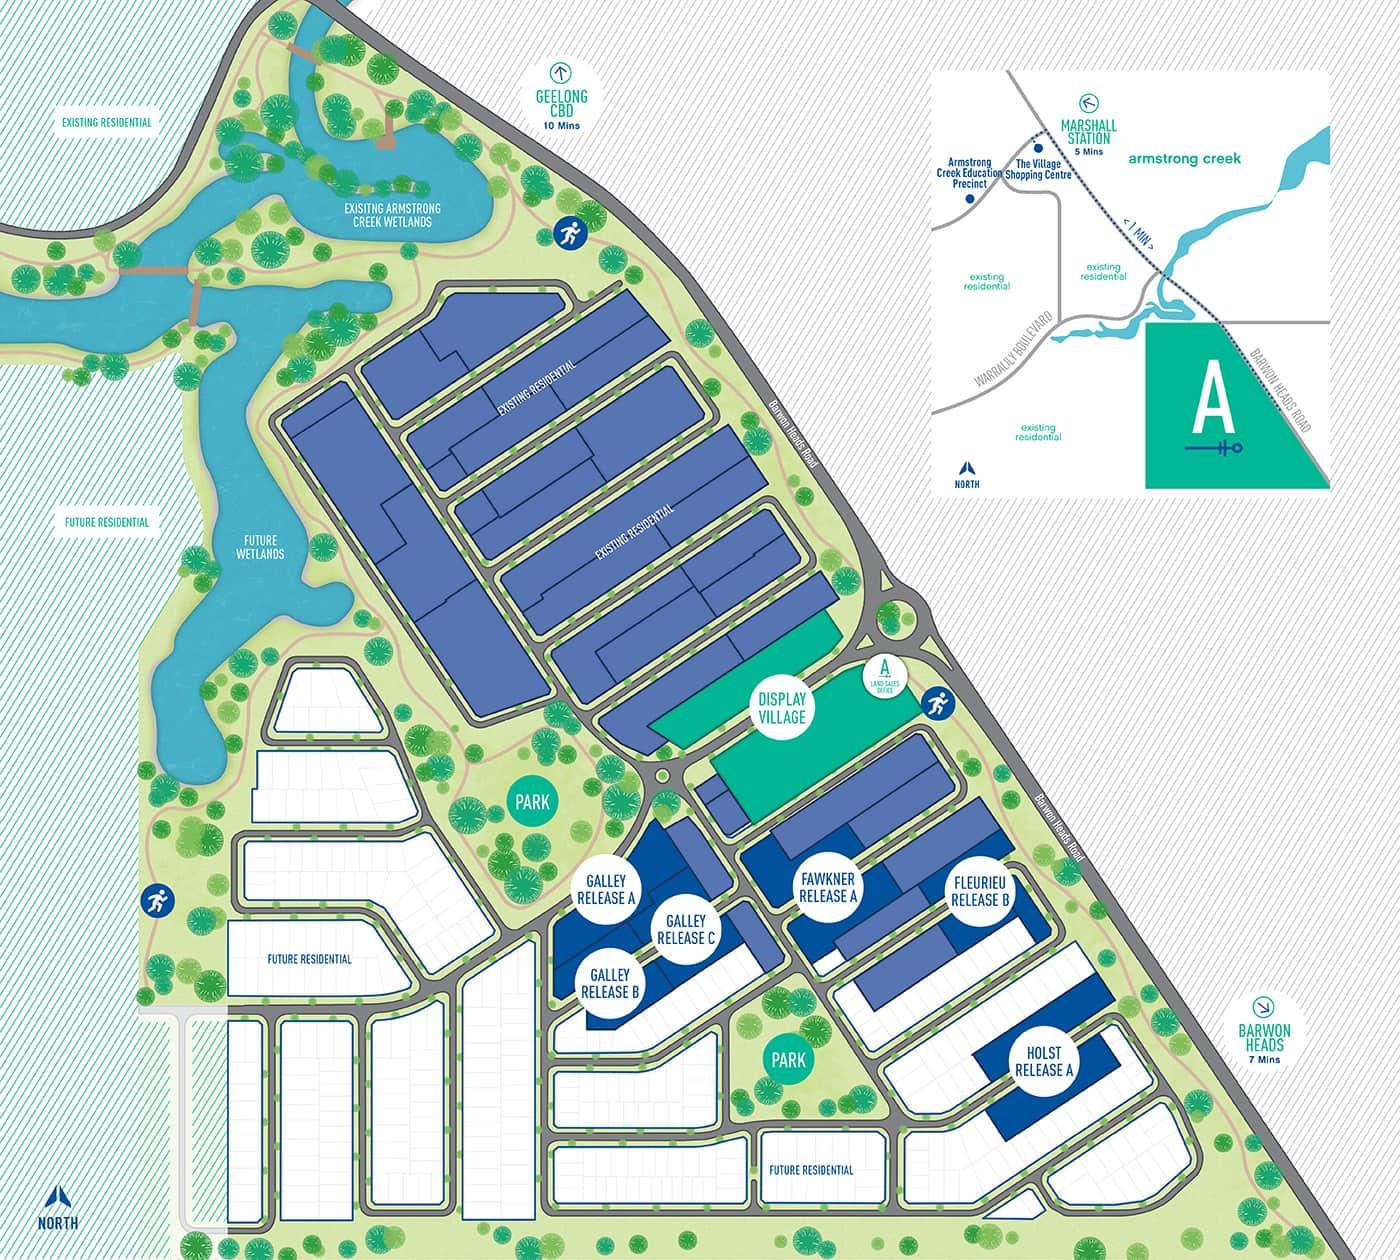 Masterplan image